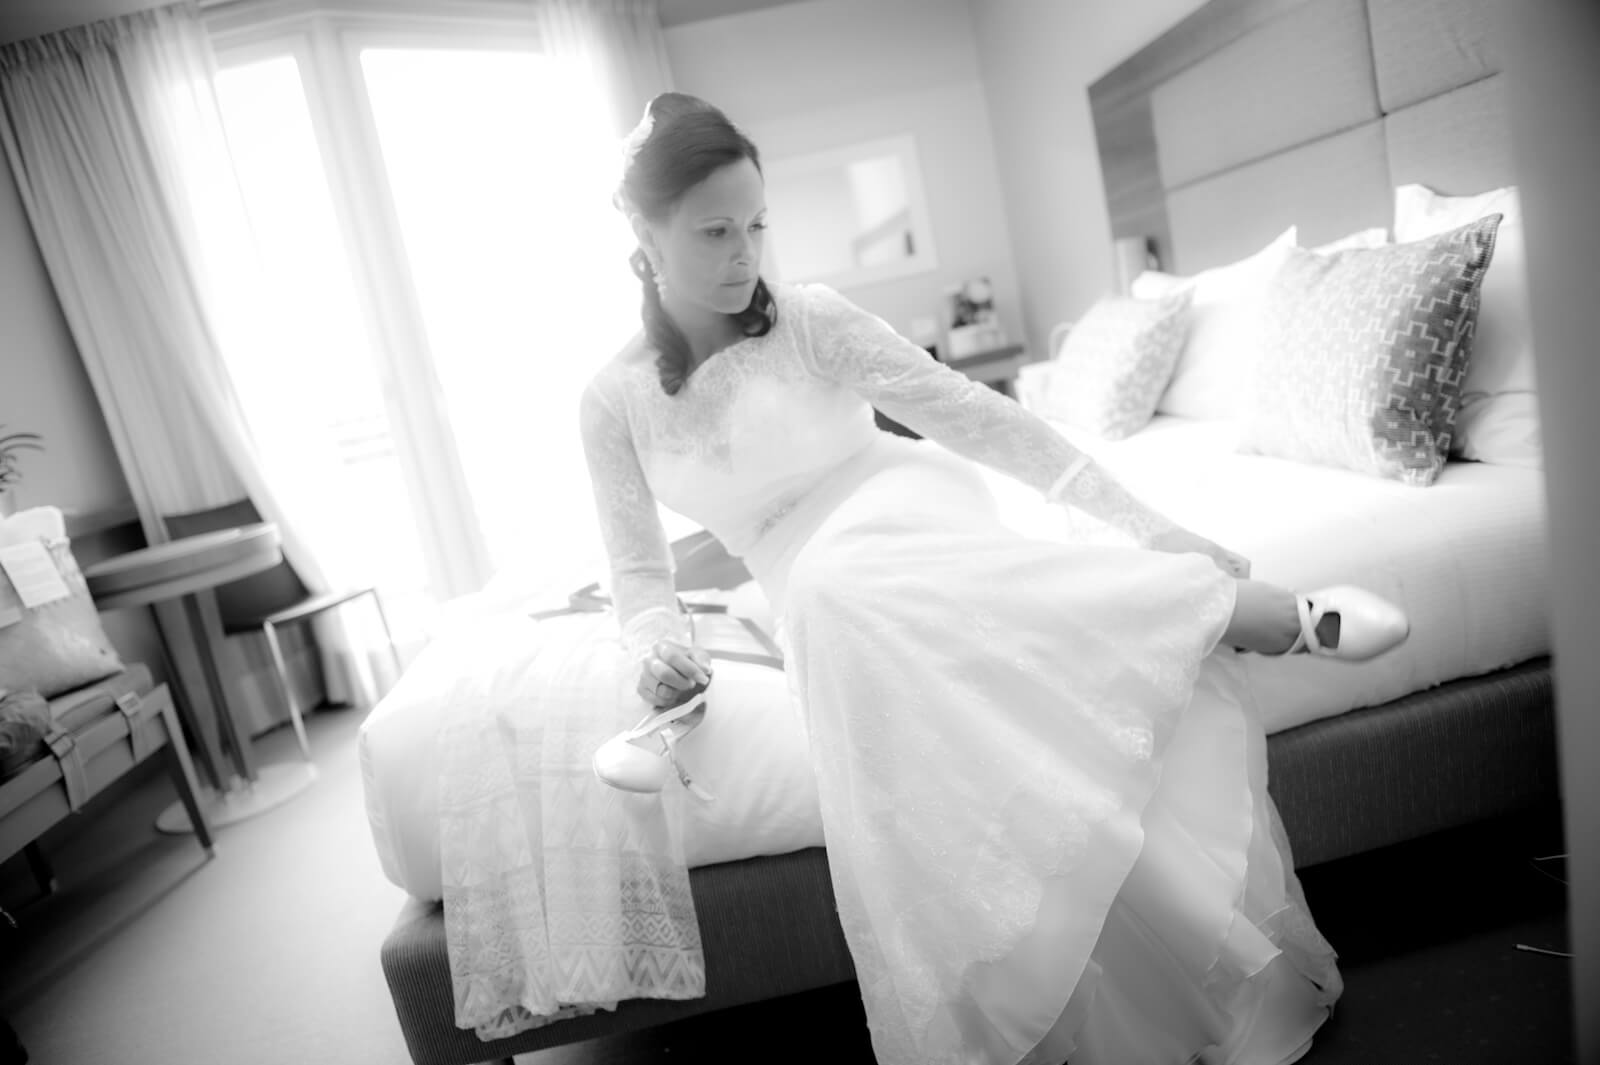 Hochzeit Gardasee - die Braut zieht ihre Brautschuhe an